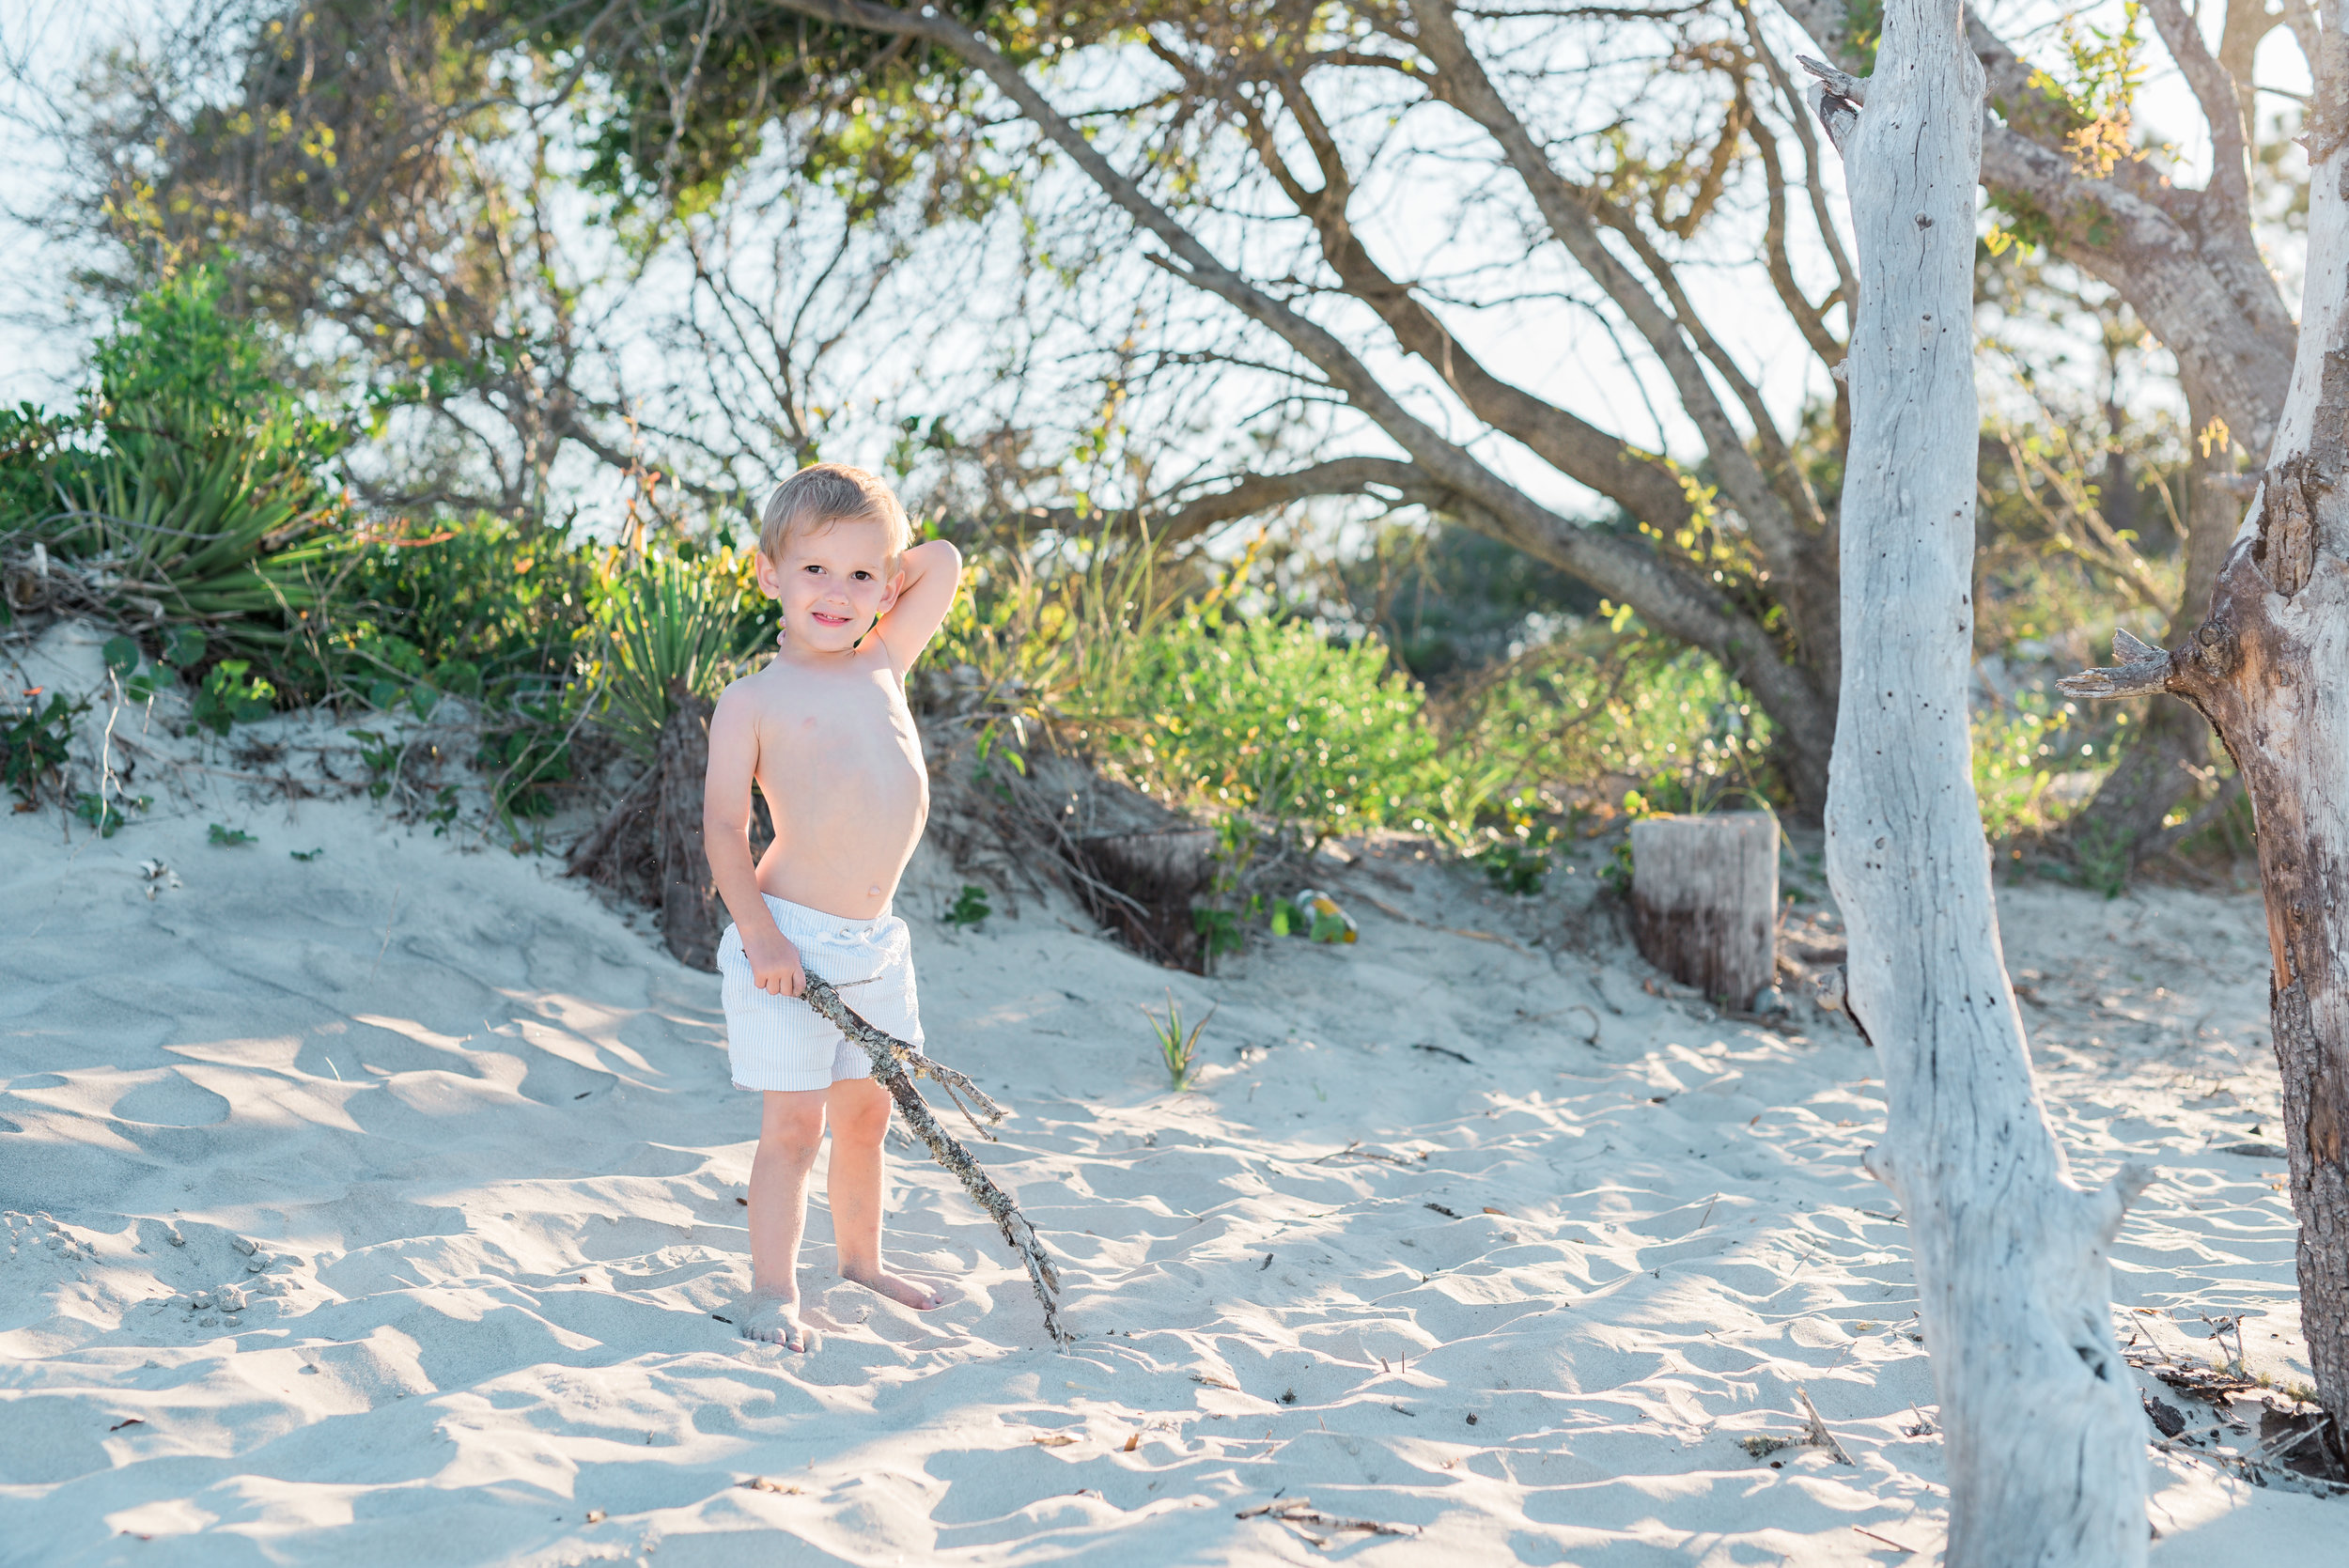 Folly-Beach-Family-Photographer-Following-Seas-Photography-3183 copy.jpg